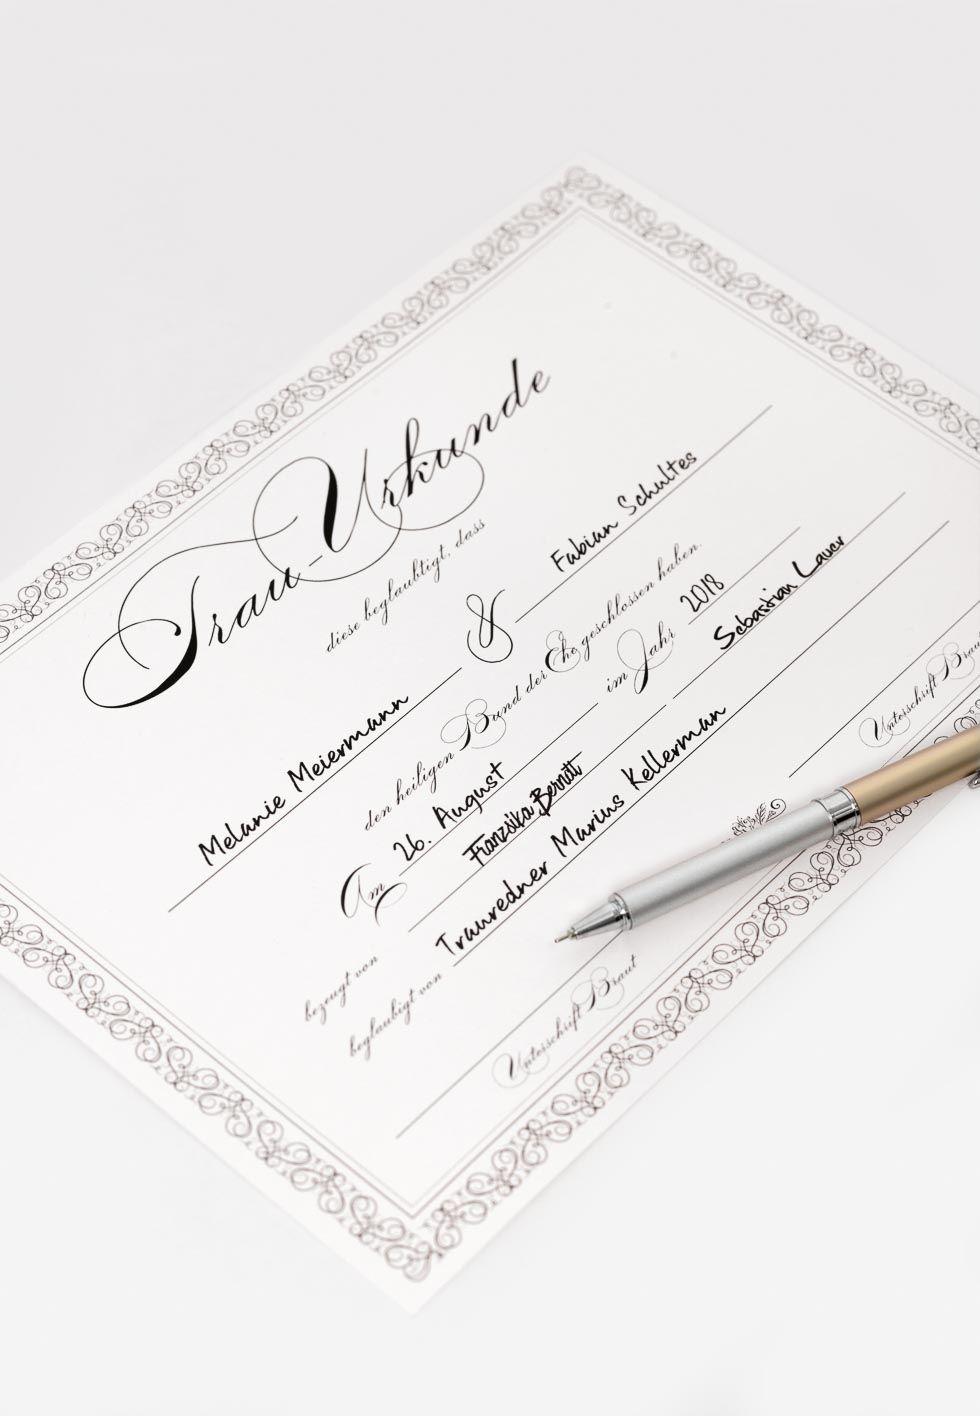 Trau Urkunde Zauberhafte Heiratsurkunde Fur Die Freie Trauung Urkunde Urkunde Erstellen Trauung